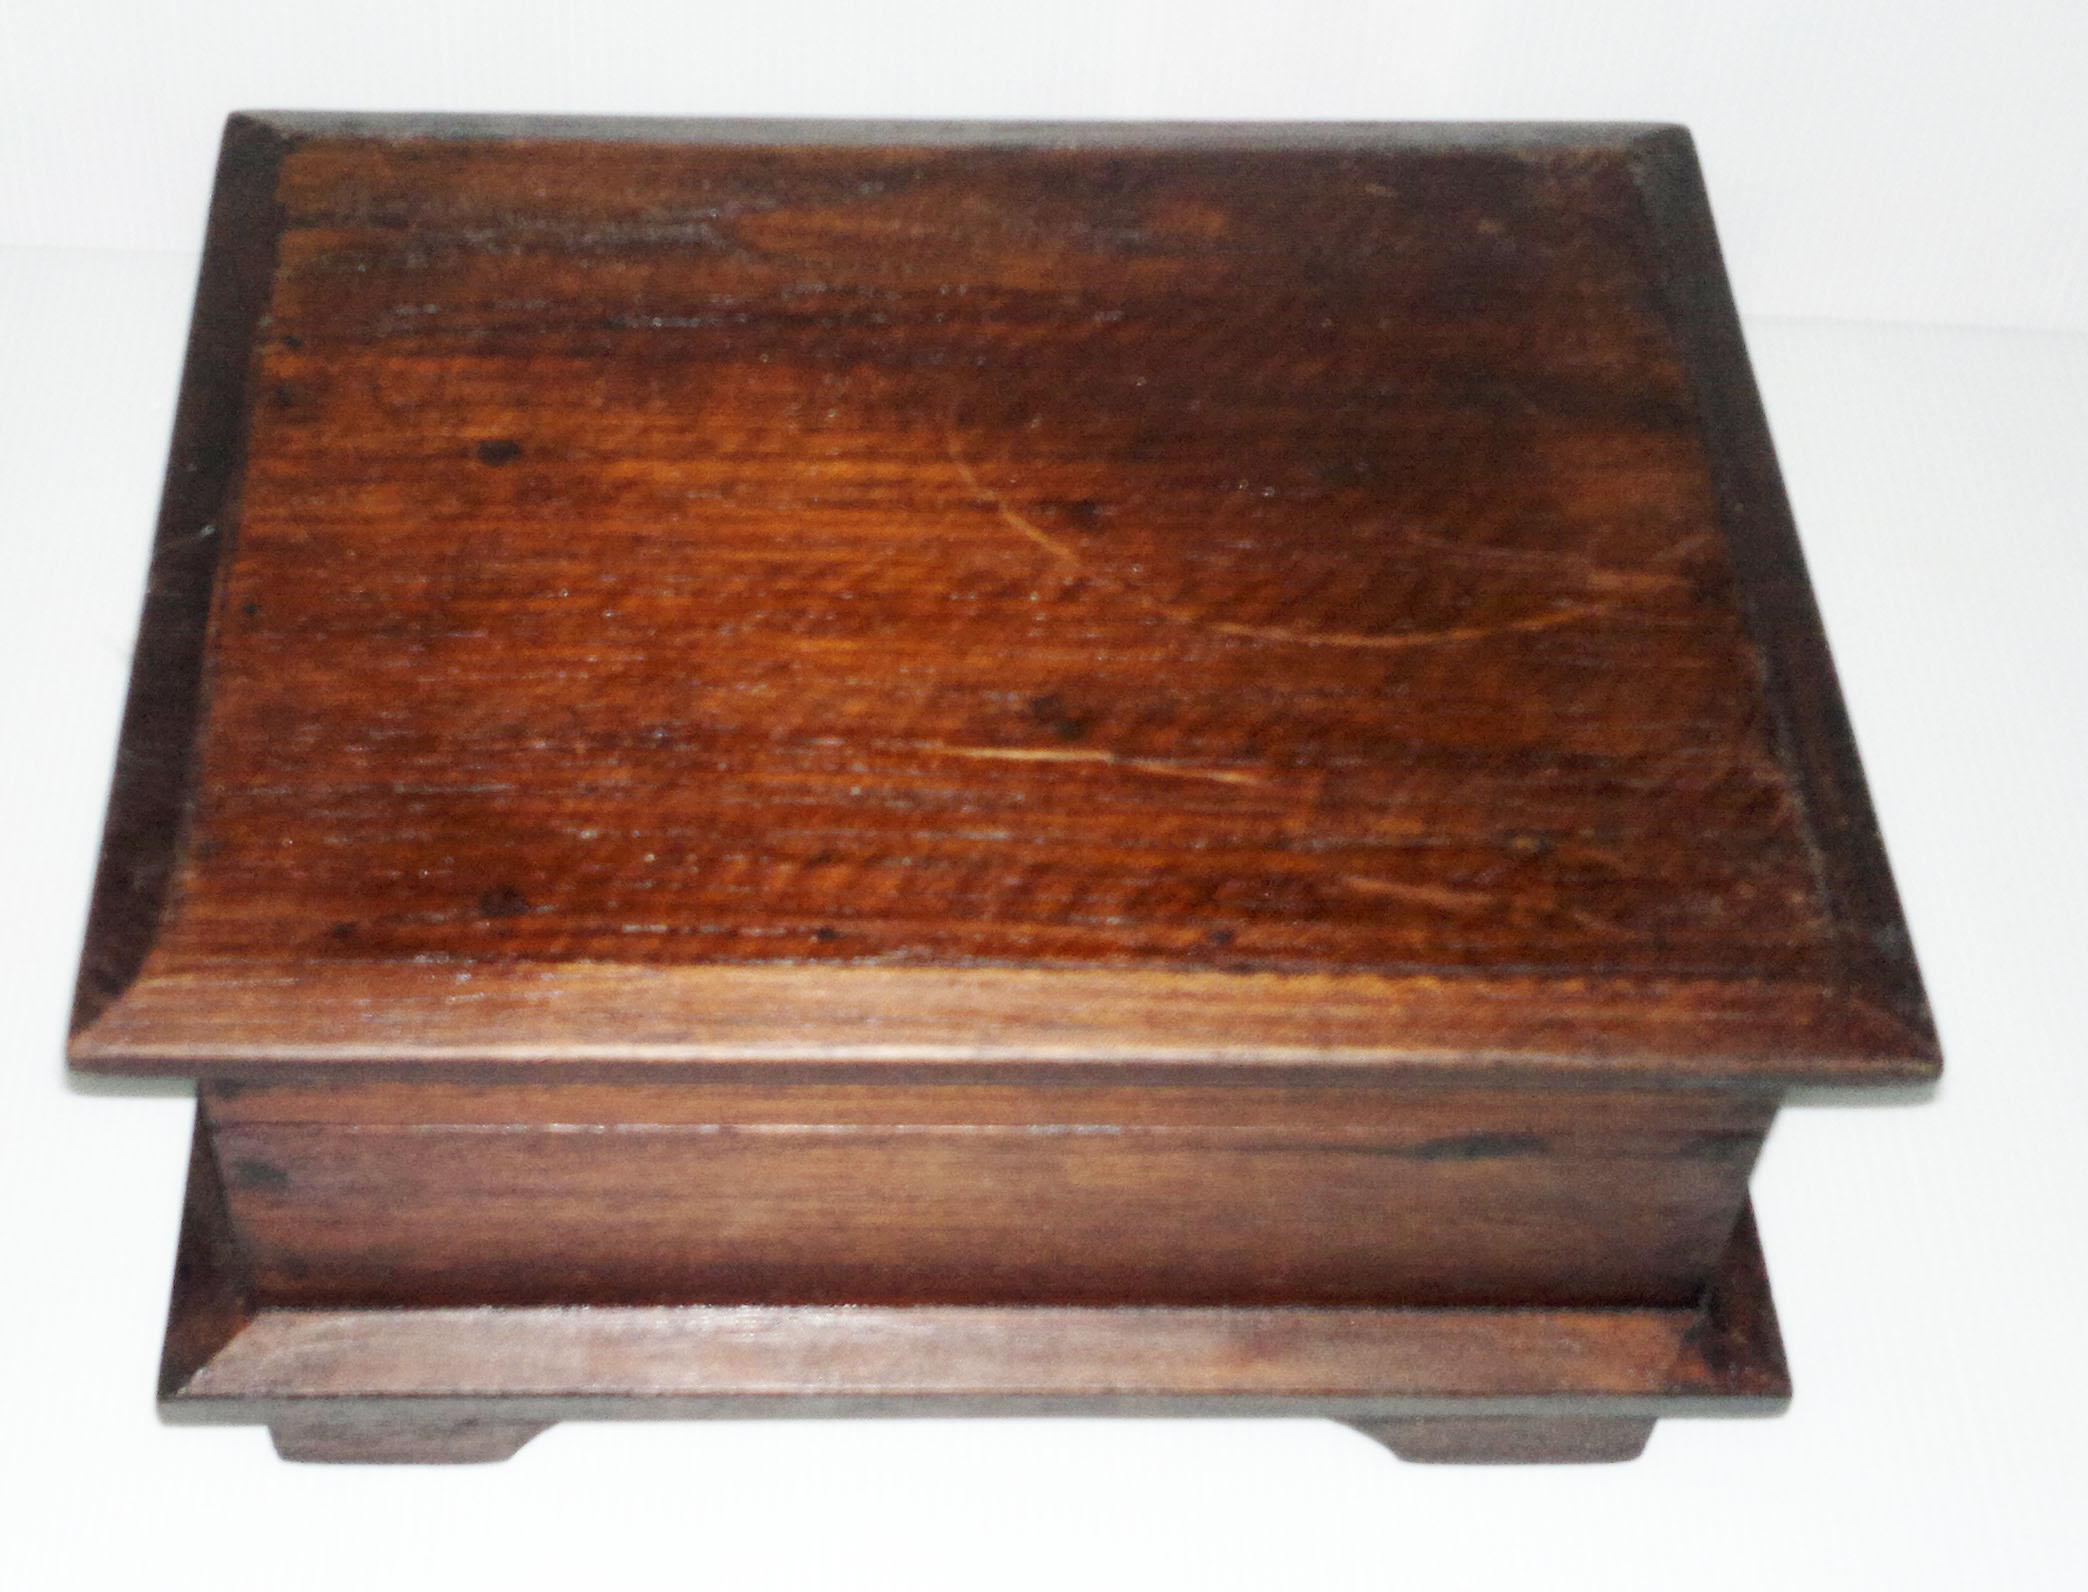 wood treasure box-1470103